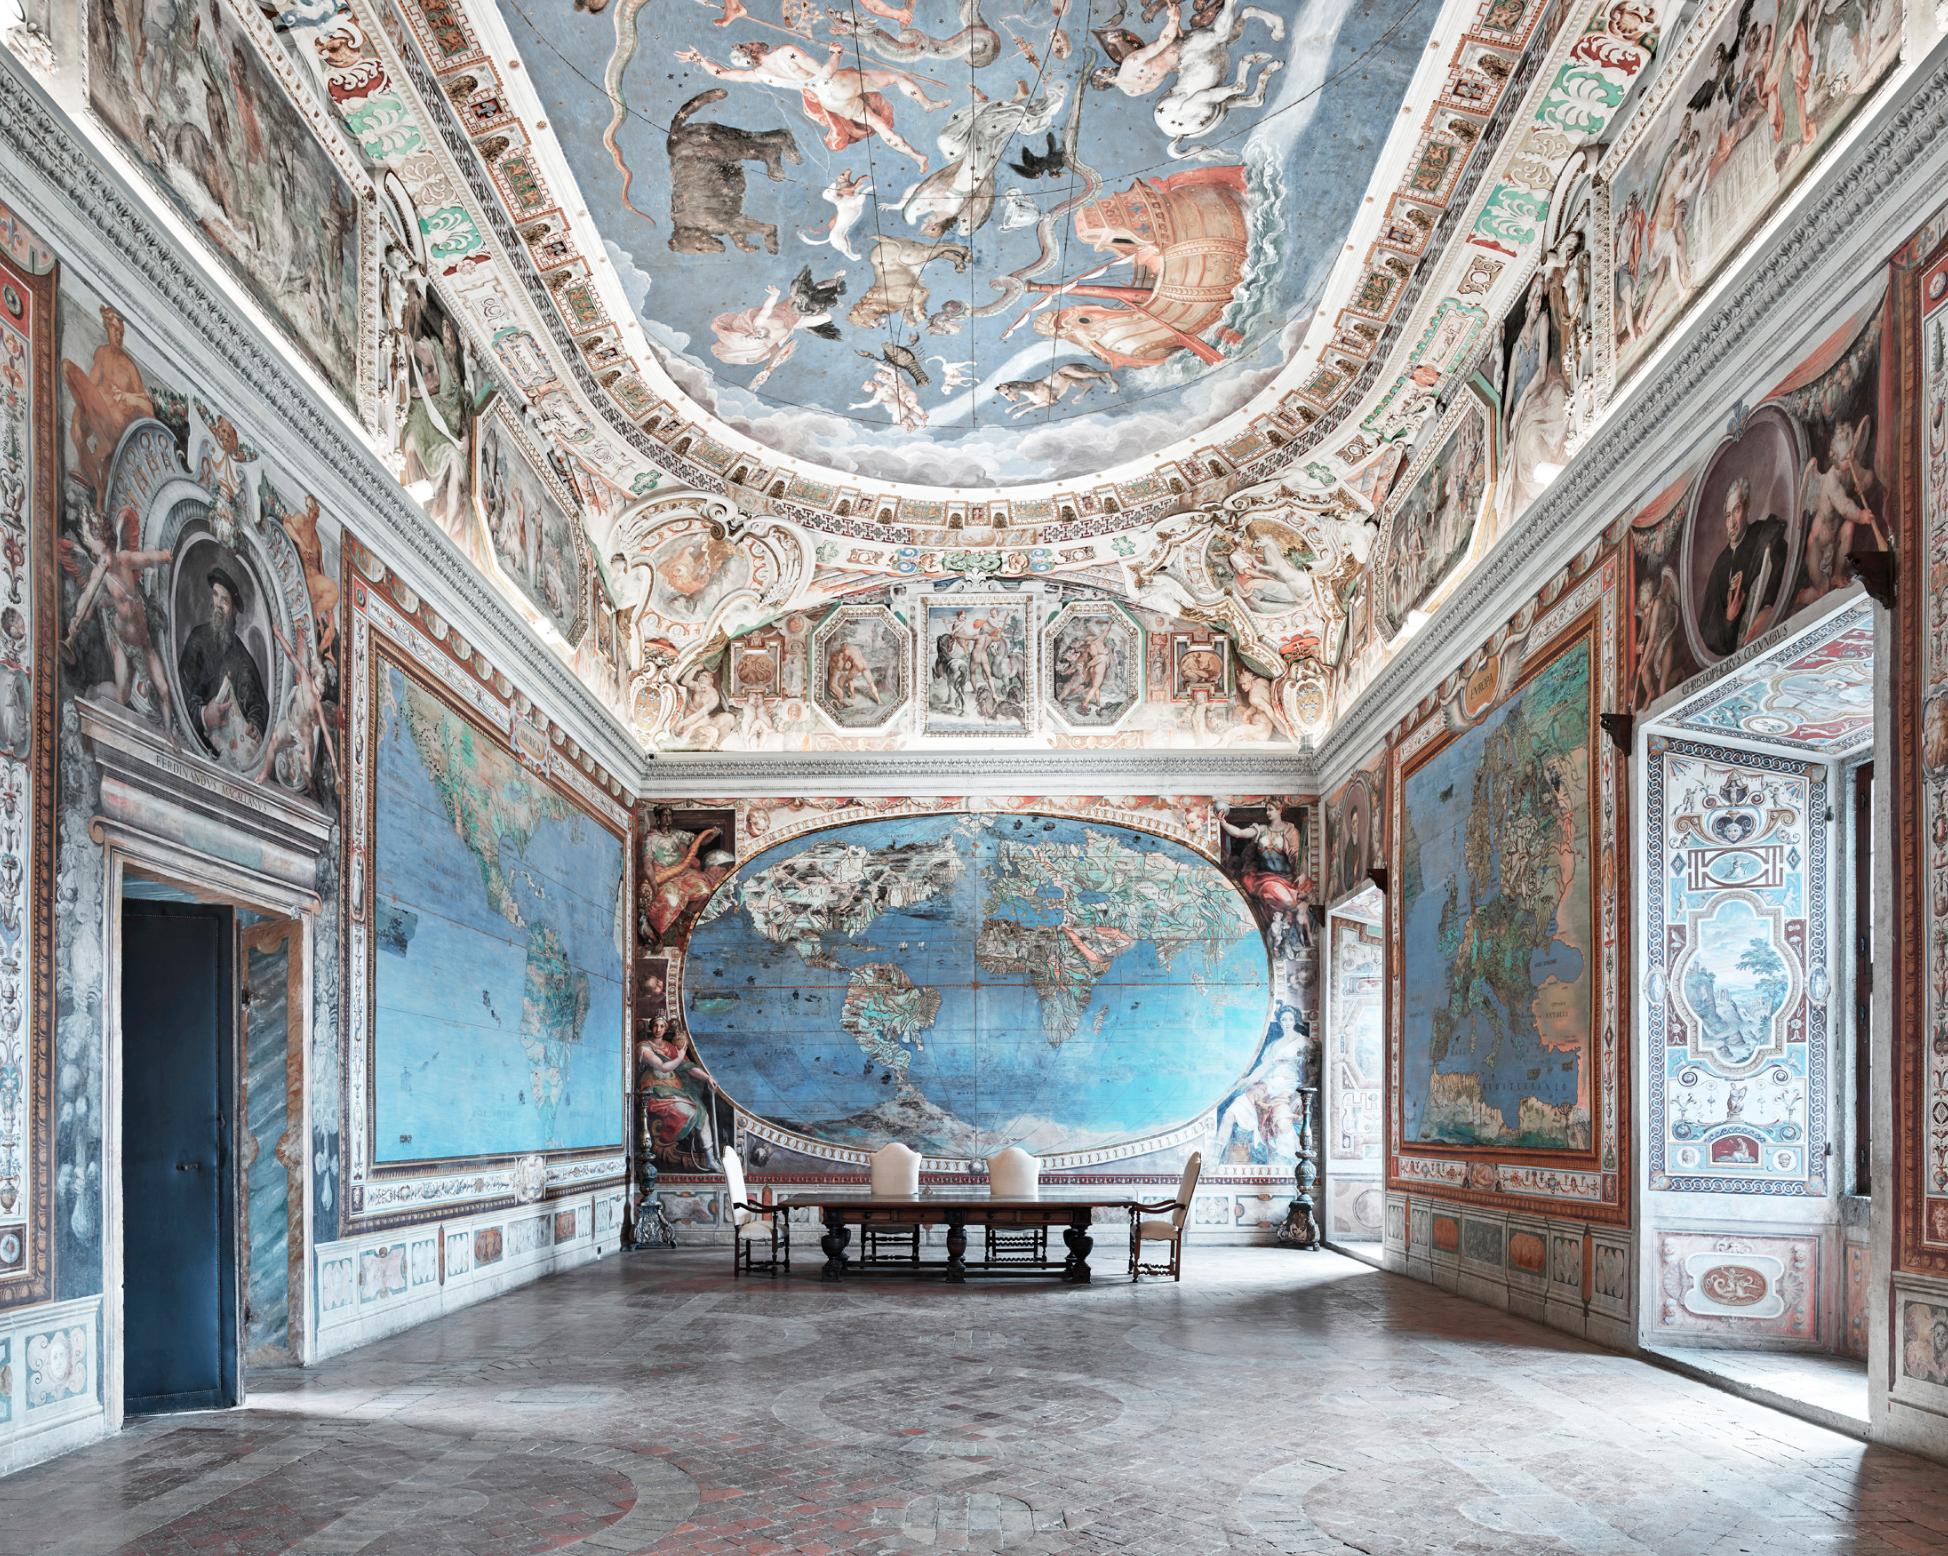 DAVID BURDENY, Map Room, Italy  Archival Pigment Print, 44 in. x 55 in.